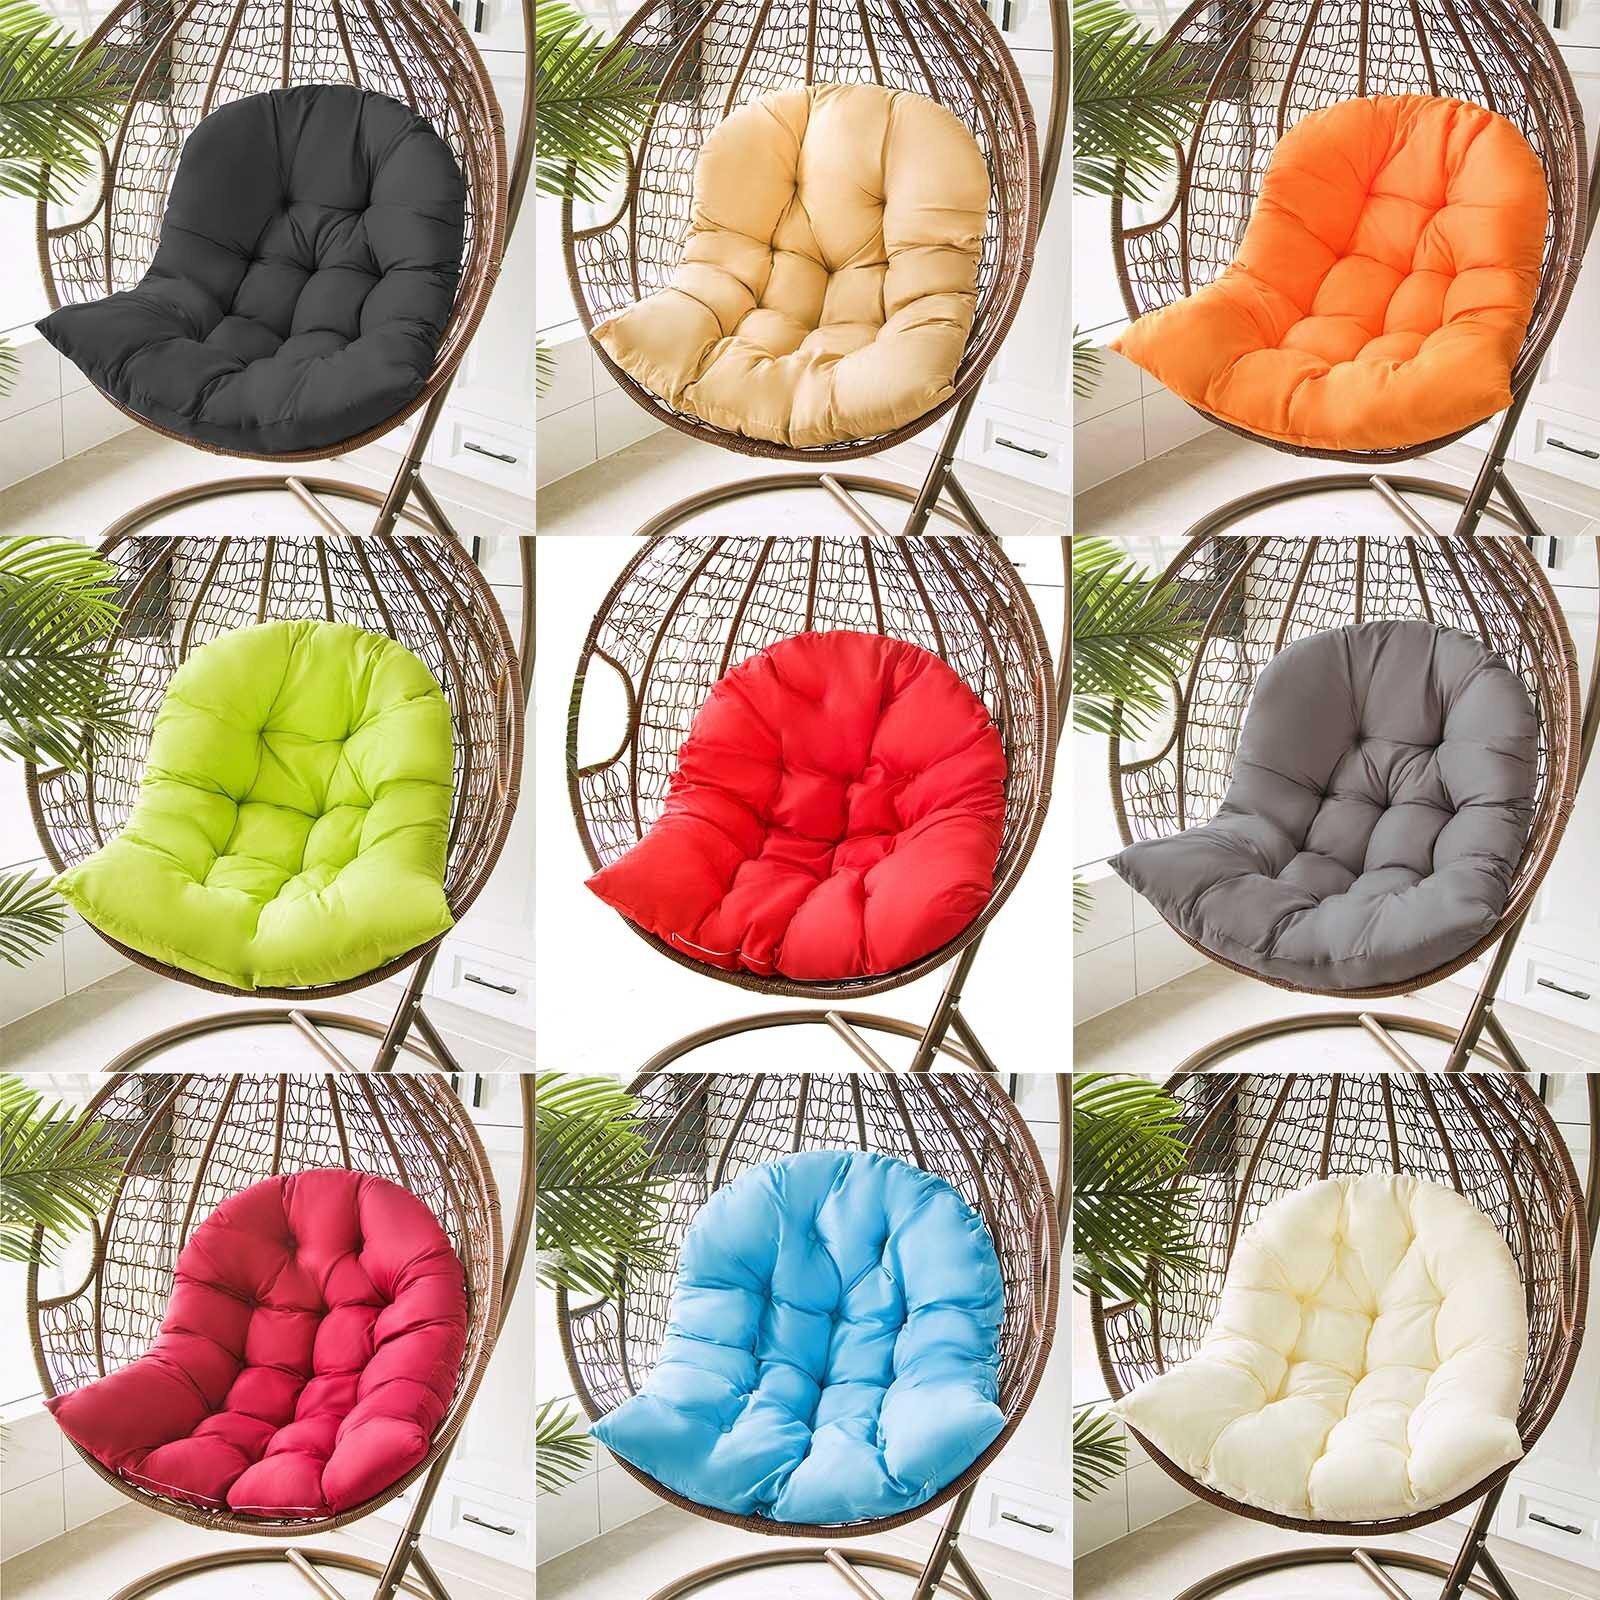 Высококачественная Подушка, одинарный подвесной матрас, интегрированная подушка для стульев, украшение для дома, новинка 2021